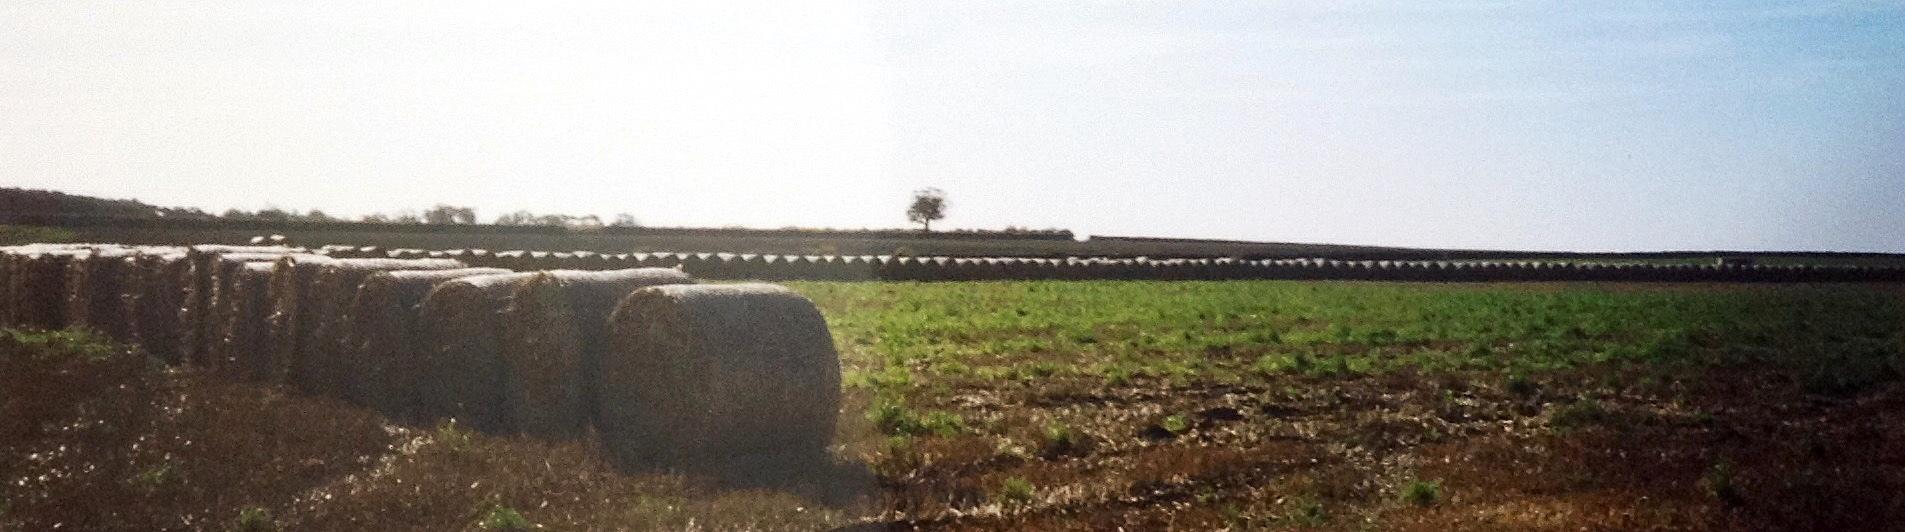 Ulceby Cross 1998